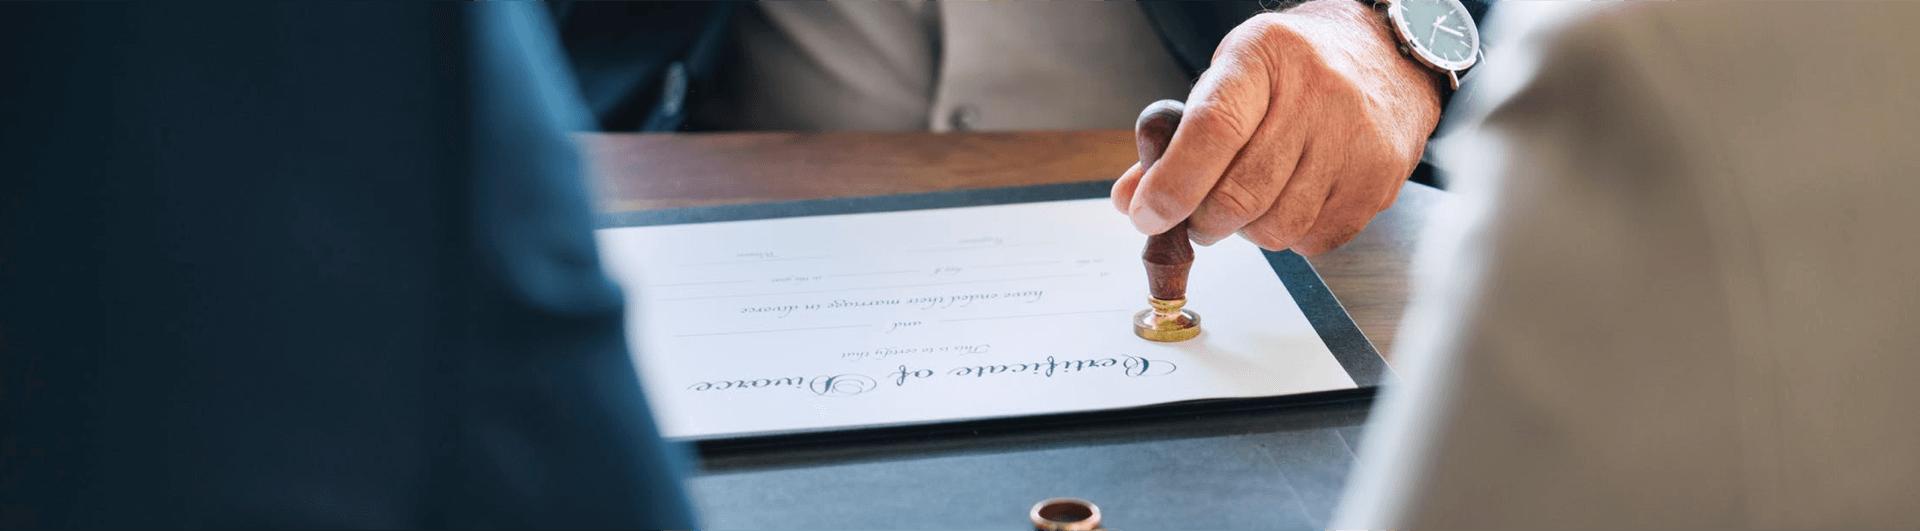 Labour Law Procedures